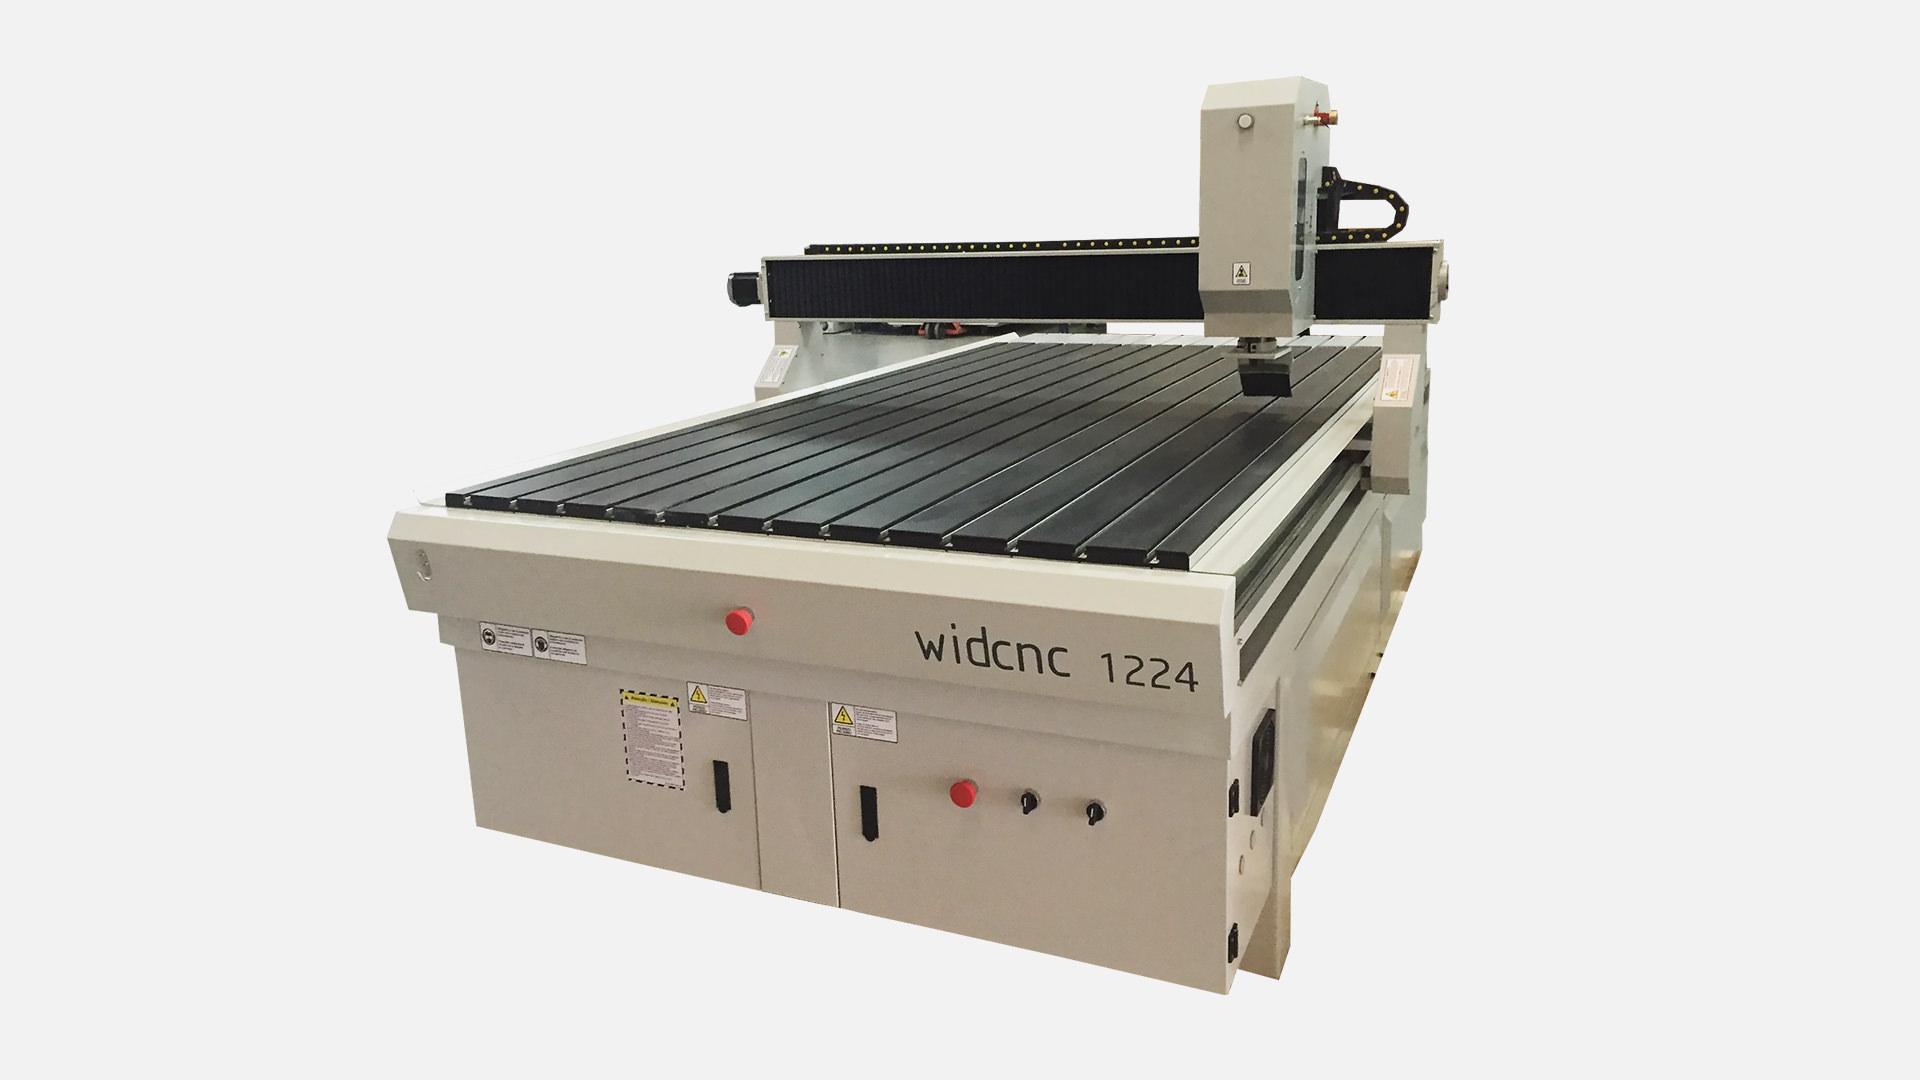 widcnc 1224